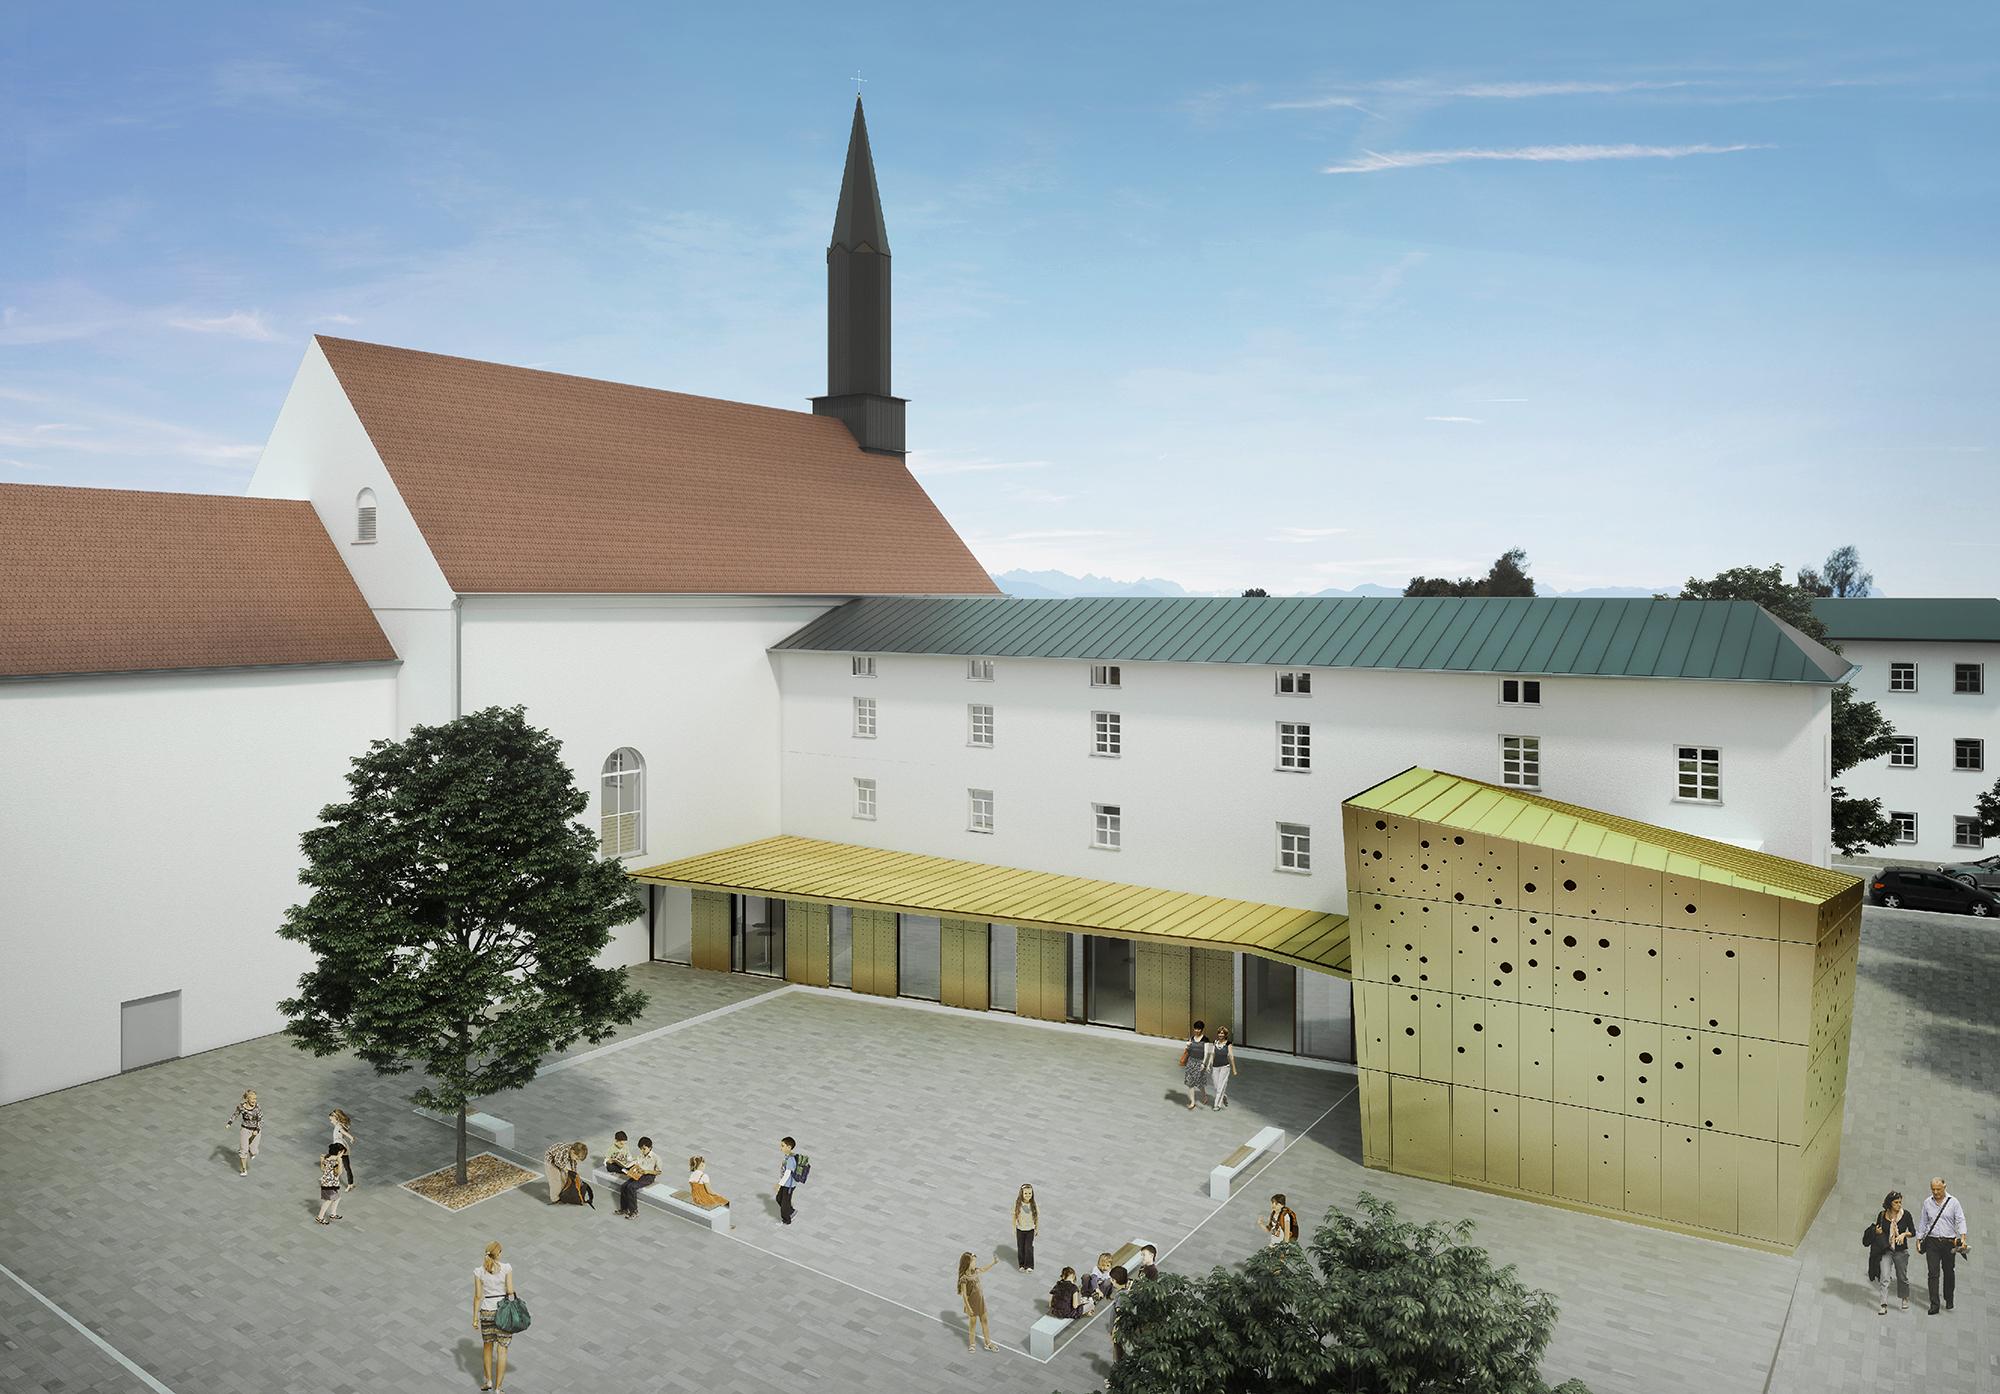 Kosten für Kulturforum Klosterkirche steigen nochmals – um 300.000 Euro